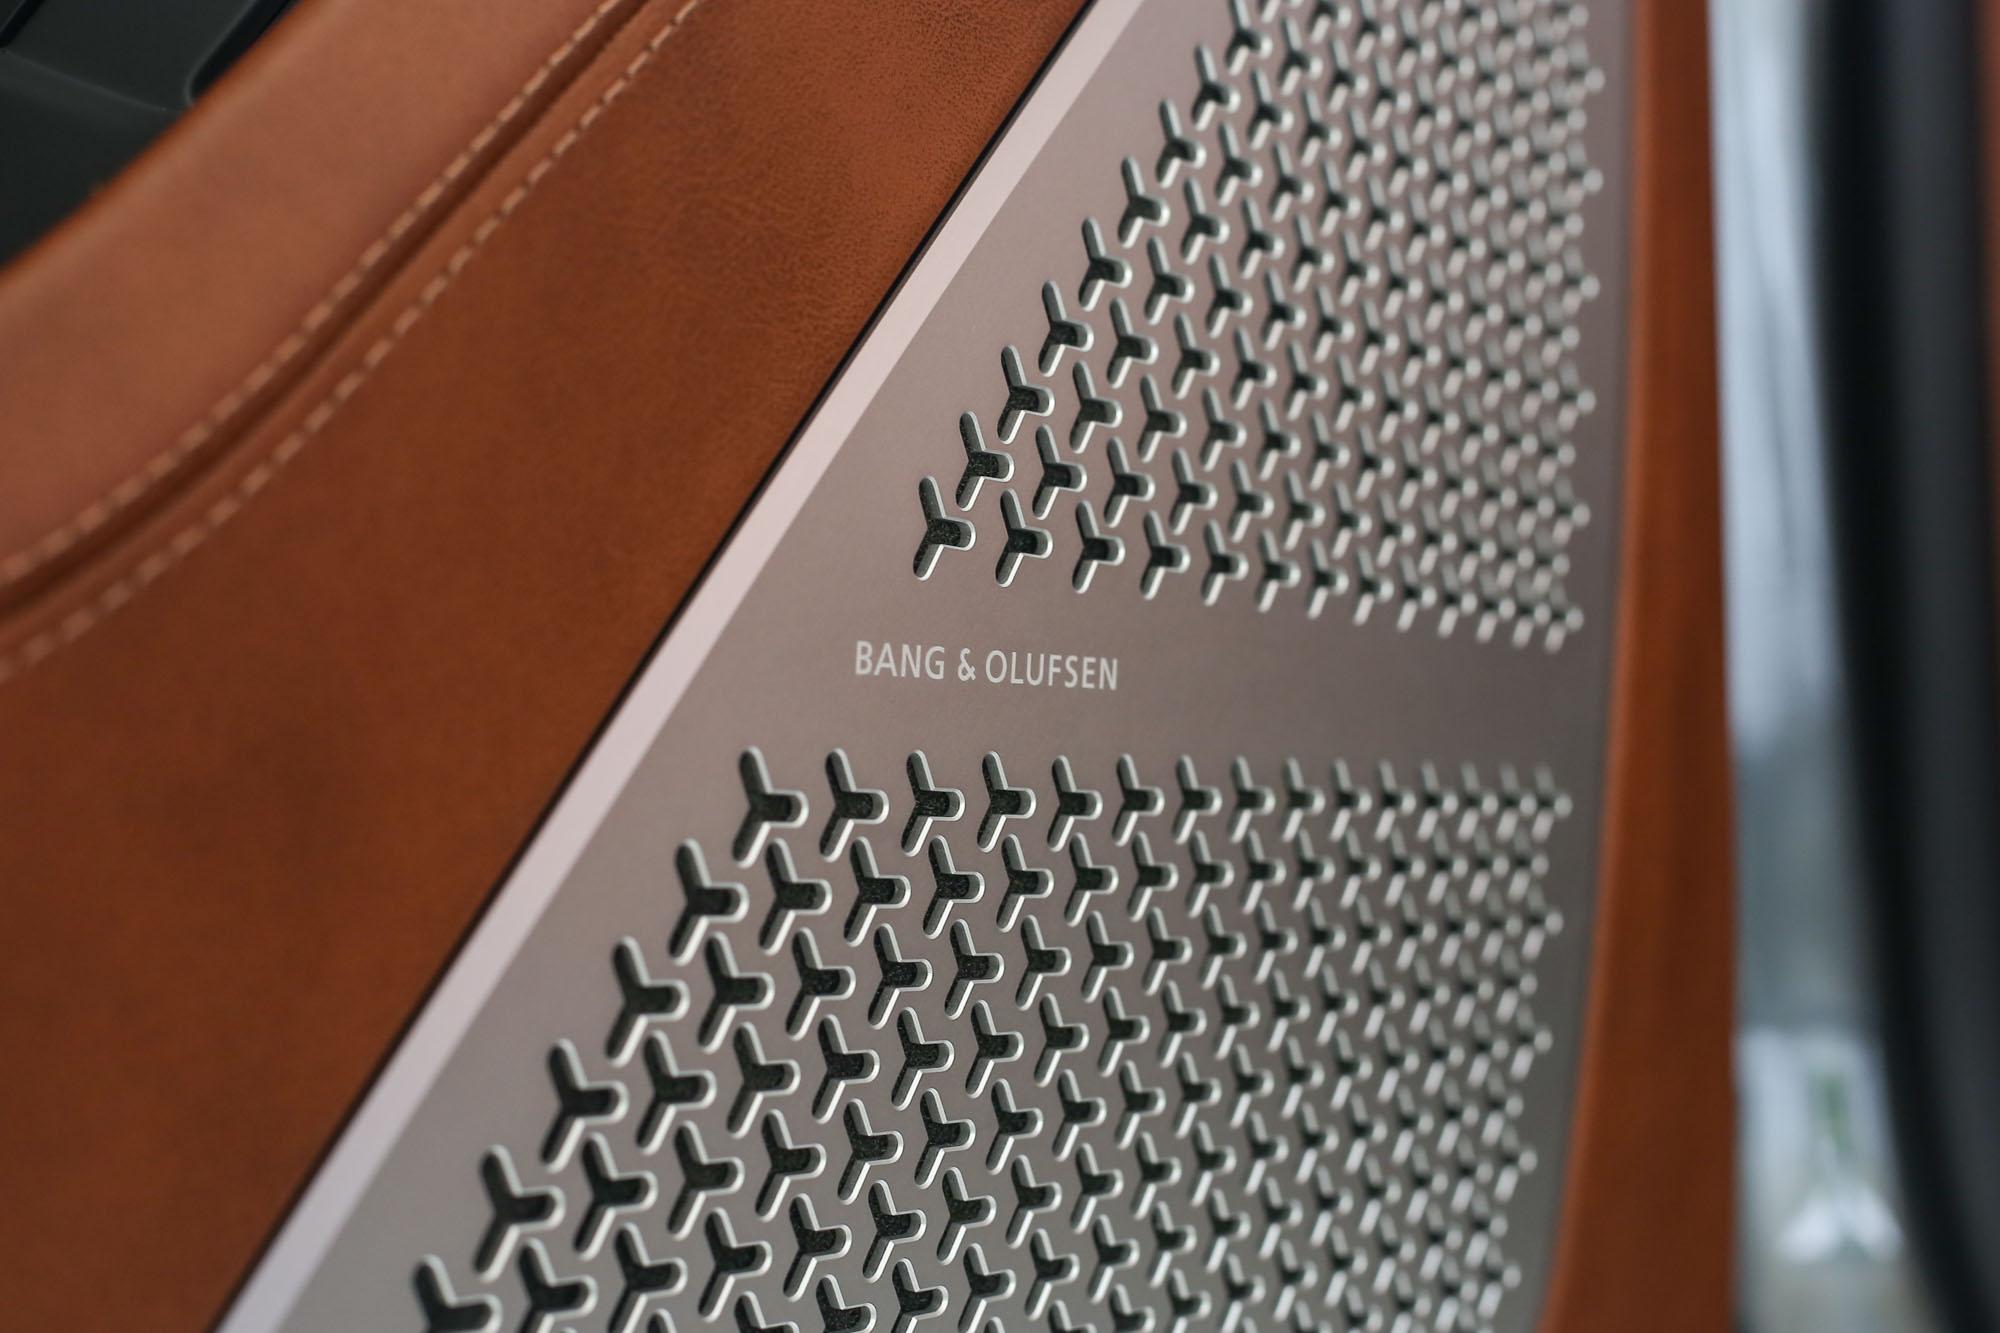 名家 B&O 音響系統採用,但相信對於許多車主而言,引擎運轉與排氣聲浪就是最佳的音響系統。